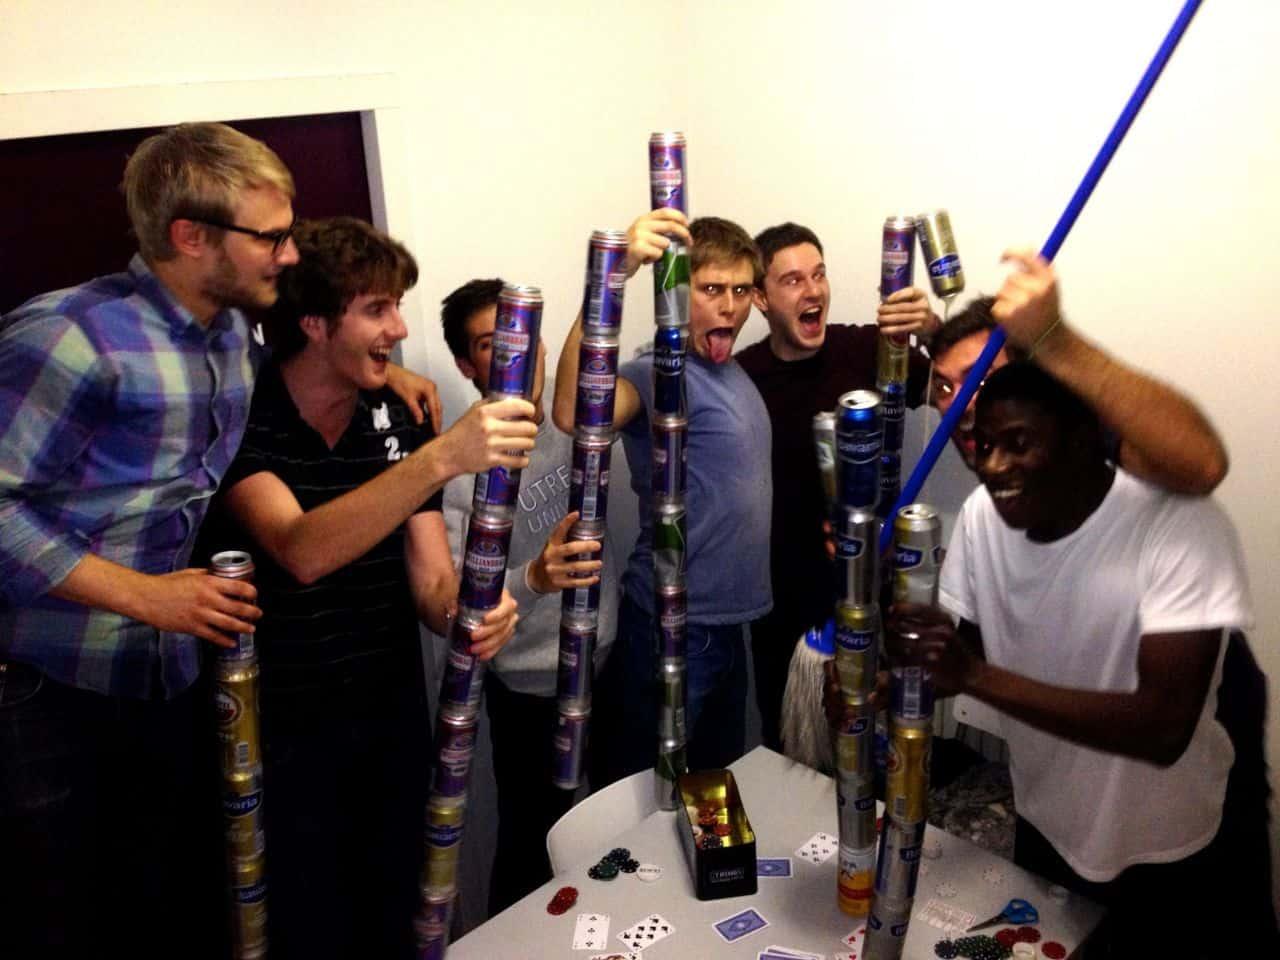 wisest wizard drinking game